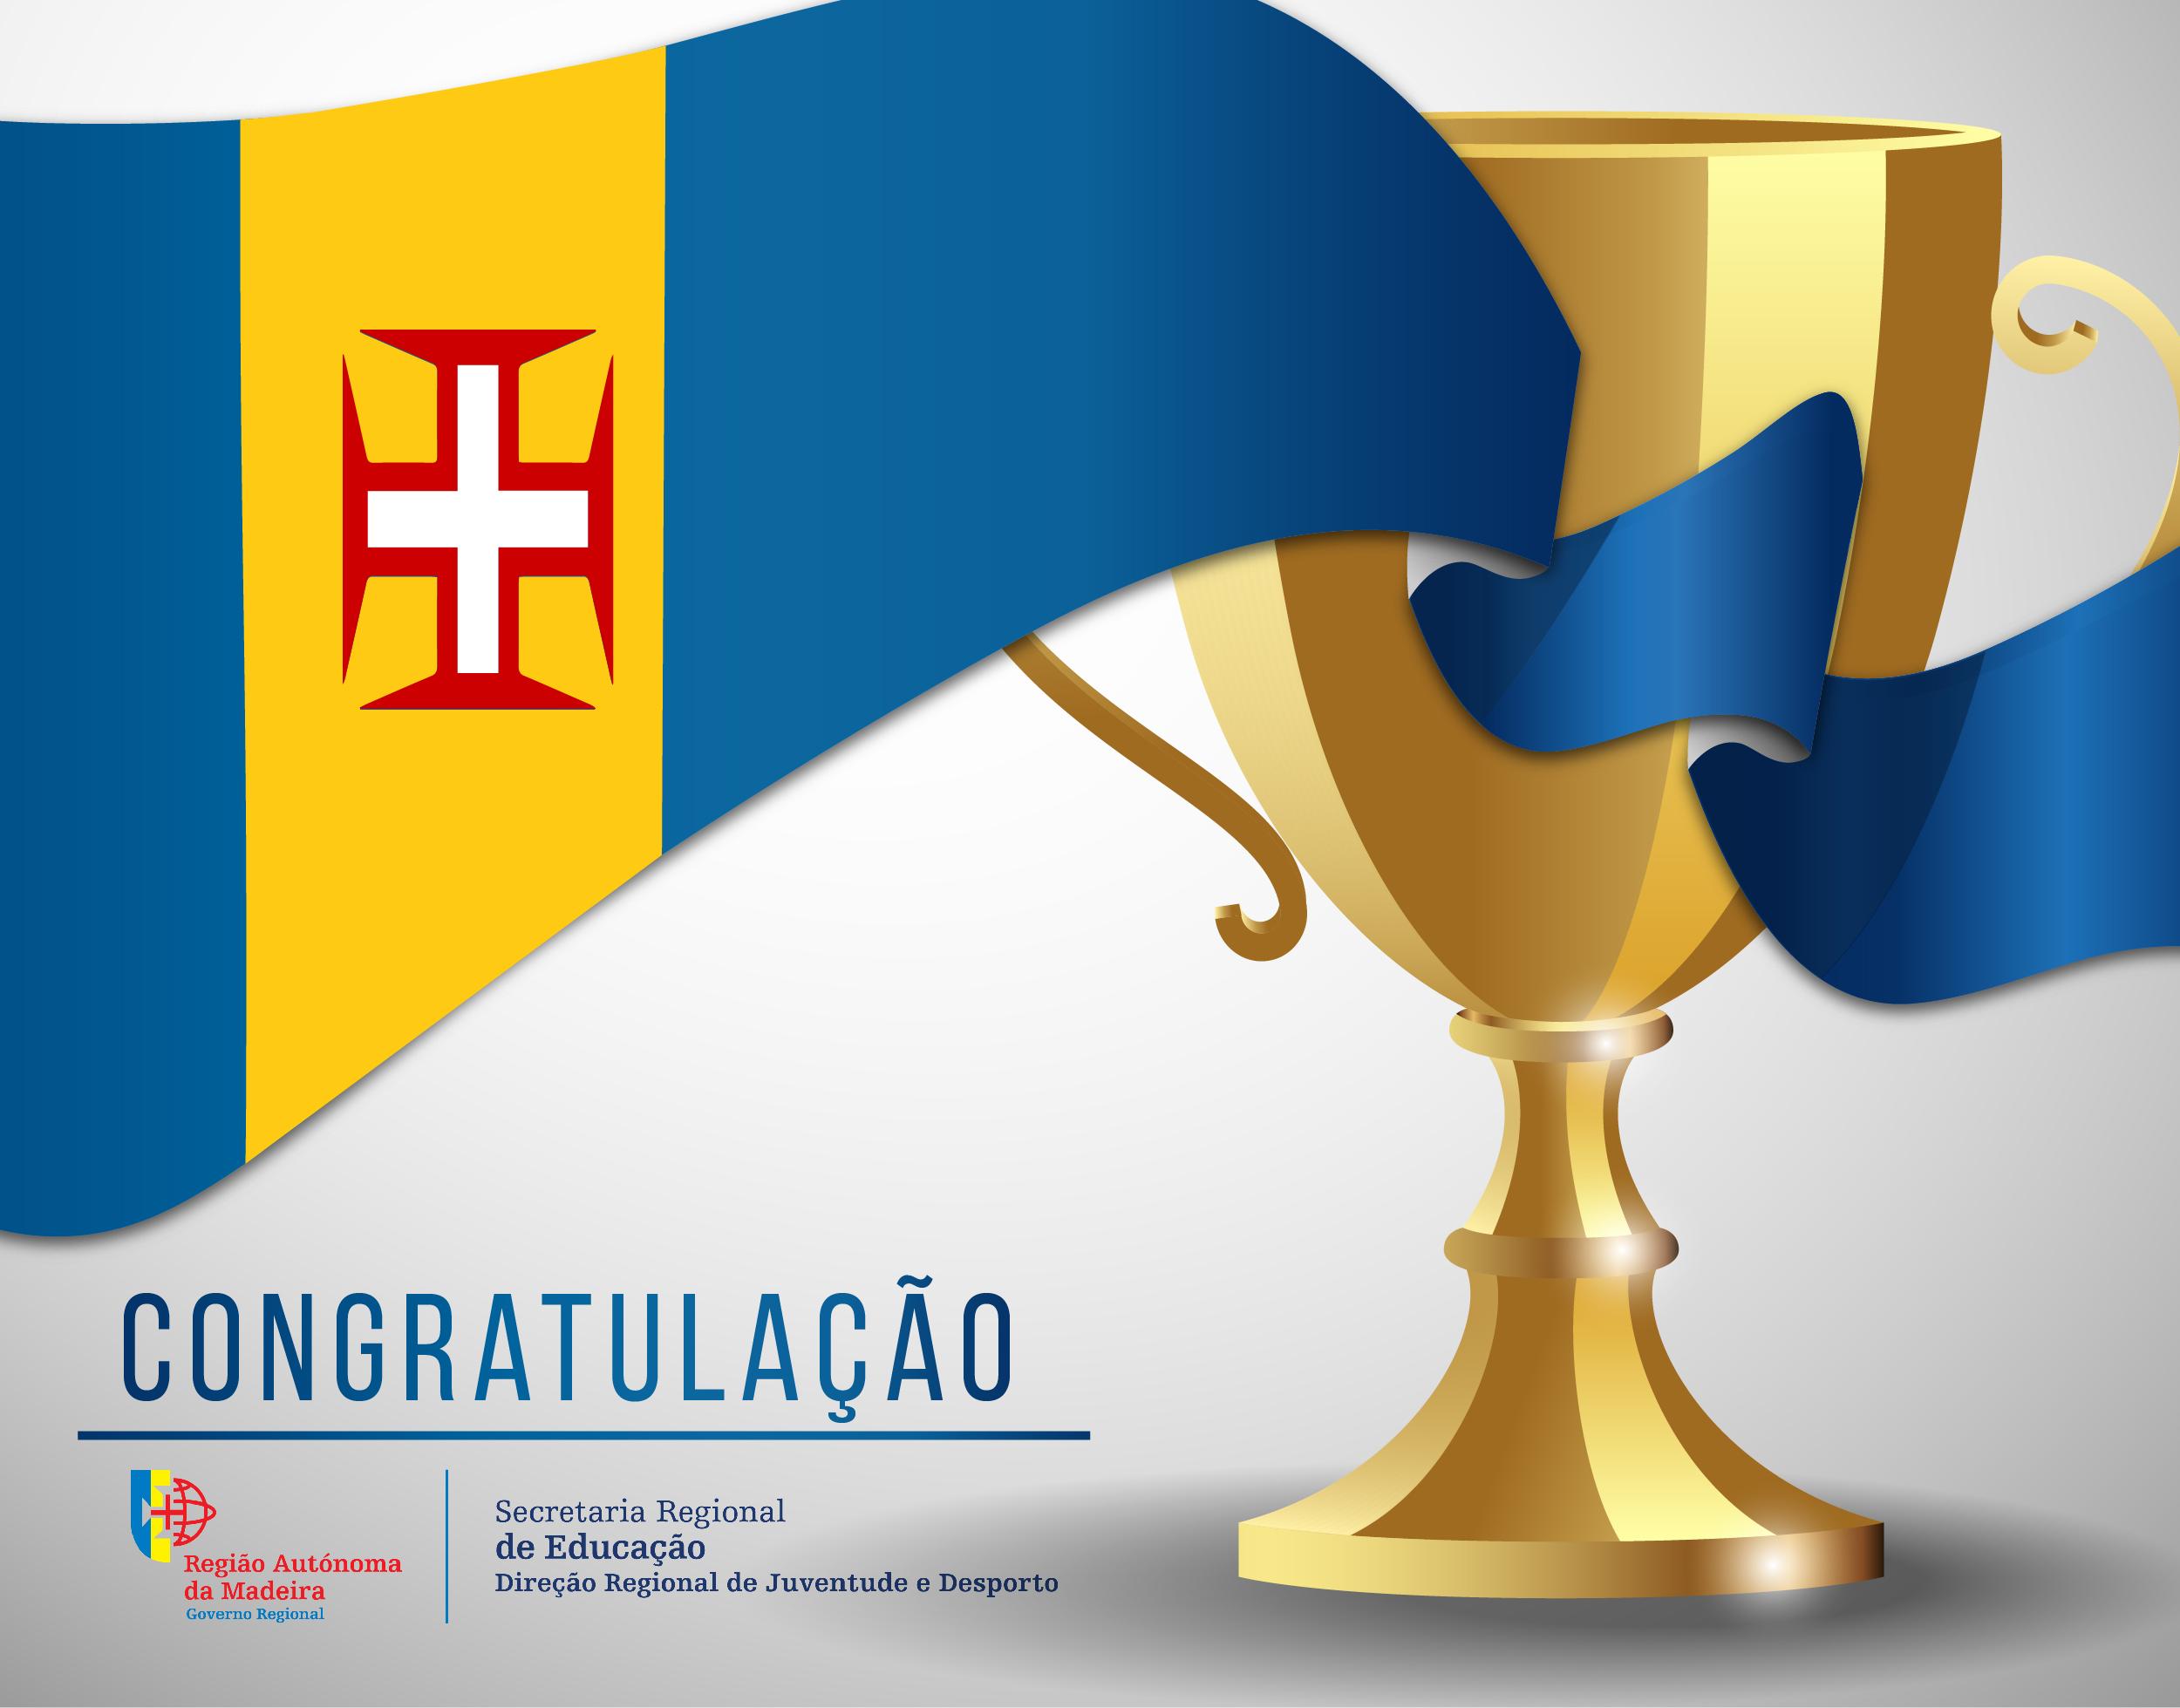 Congratulação - Soraia Pereira (Sporting Clube Santacruzense)